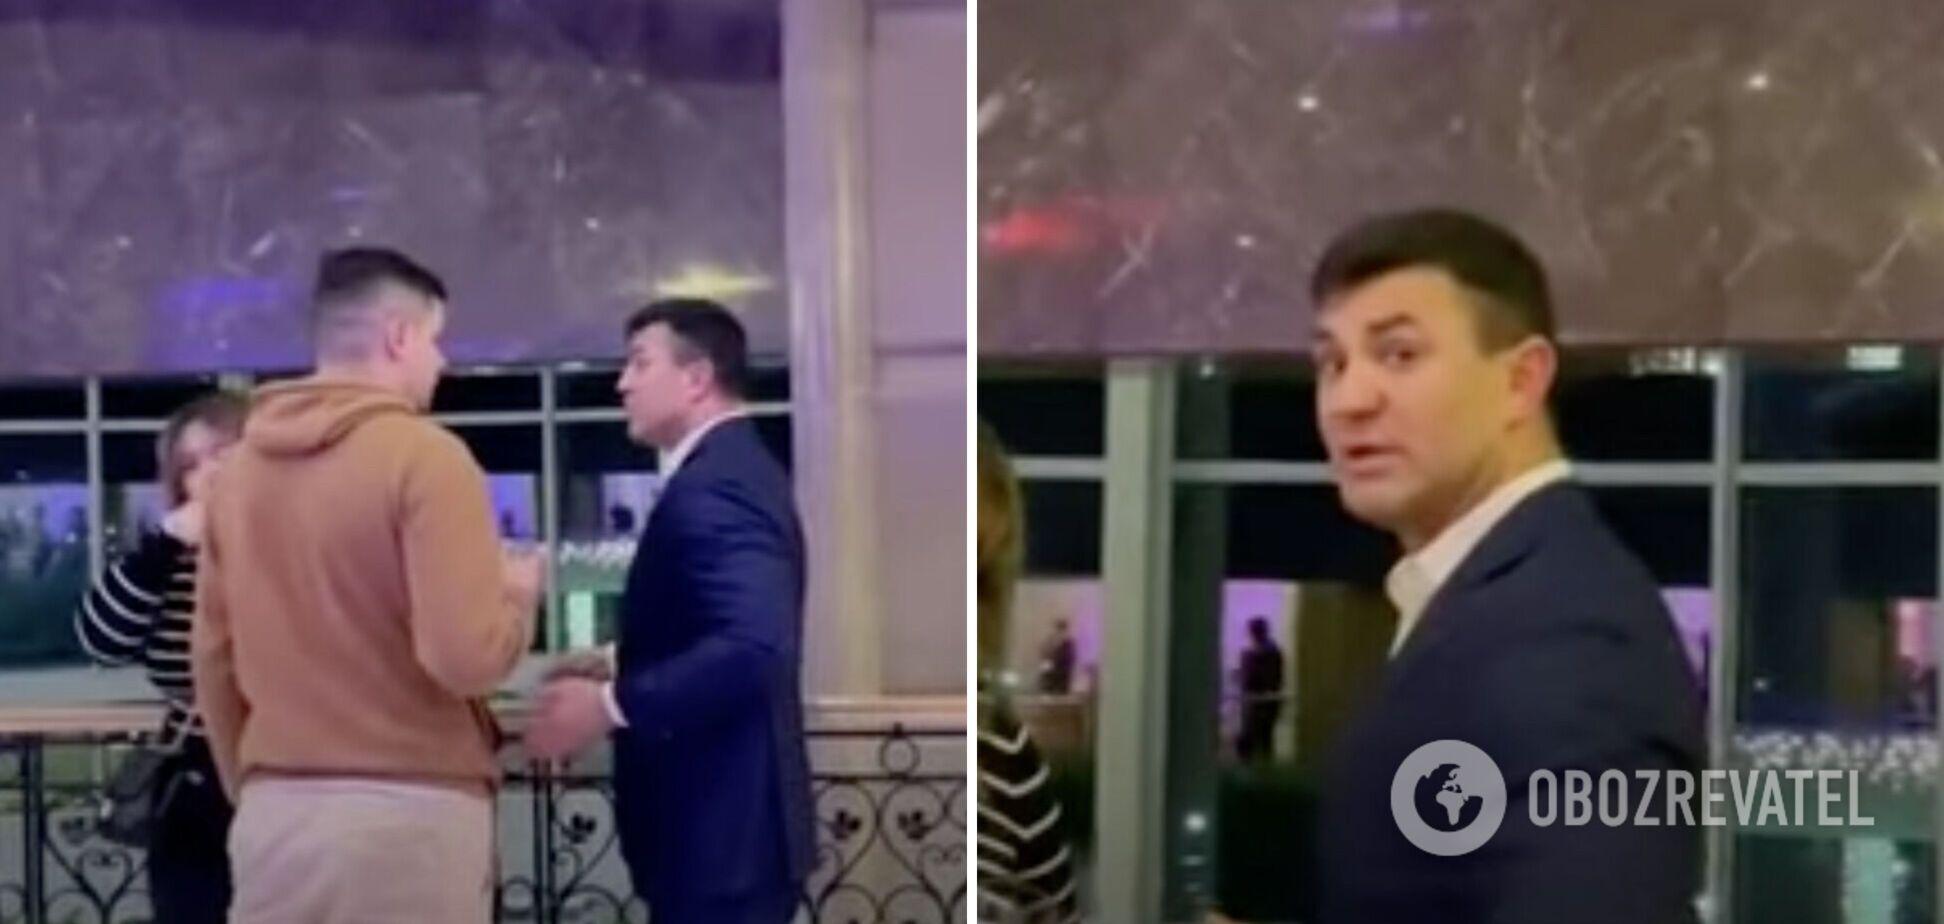 'Ты за**ал уже': Тищенко в Трускавце обругал своего однопартийца. Видео